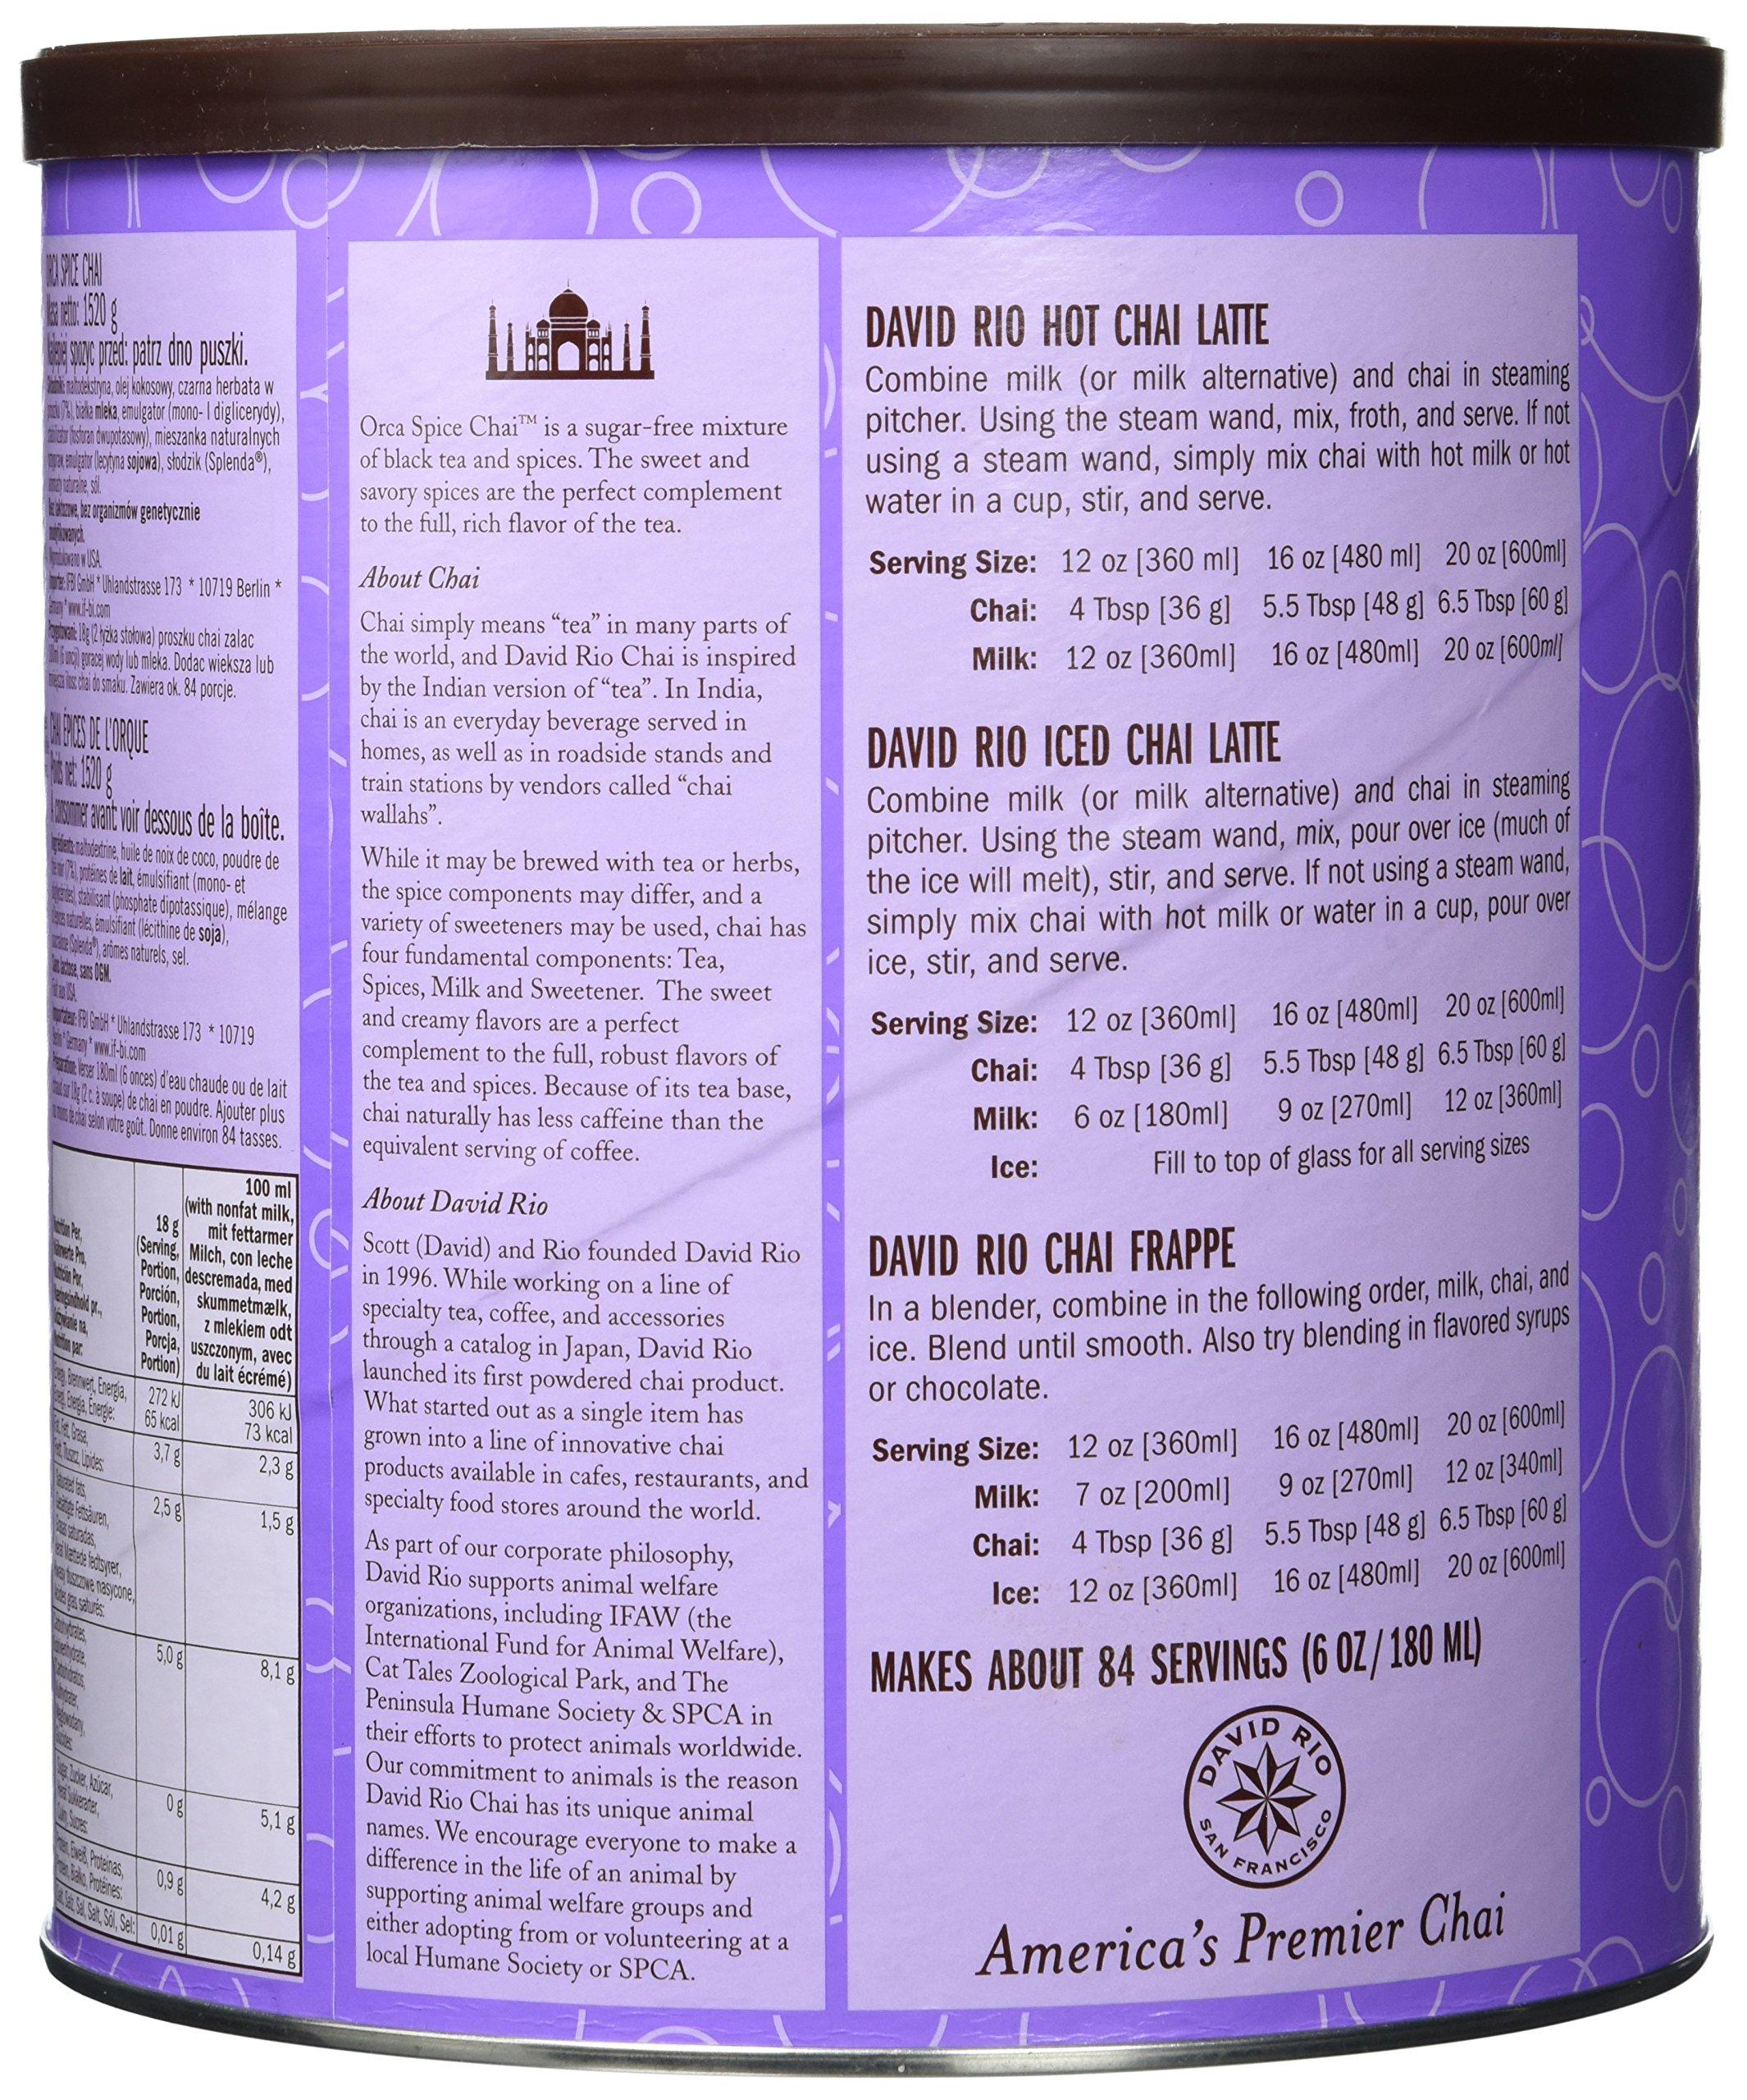 David-Rio-Orca-Spice-Chai-Tee-1-x-1520-kg